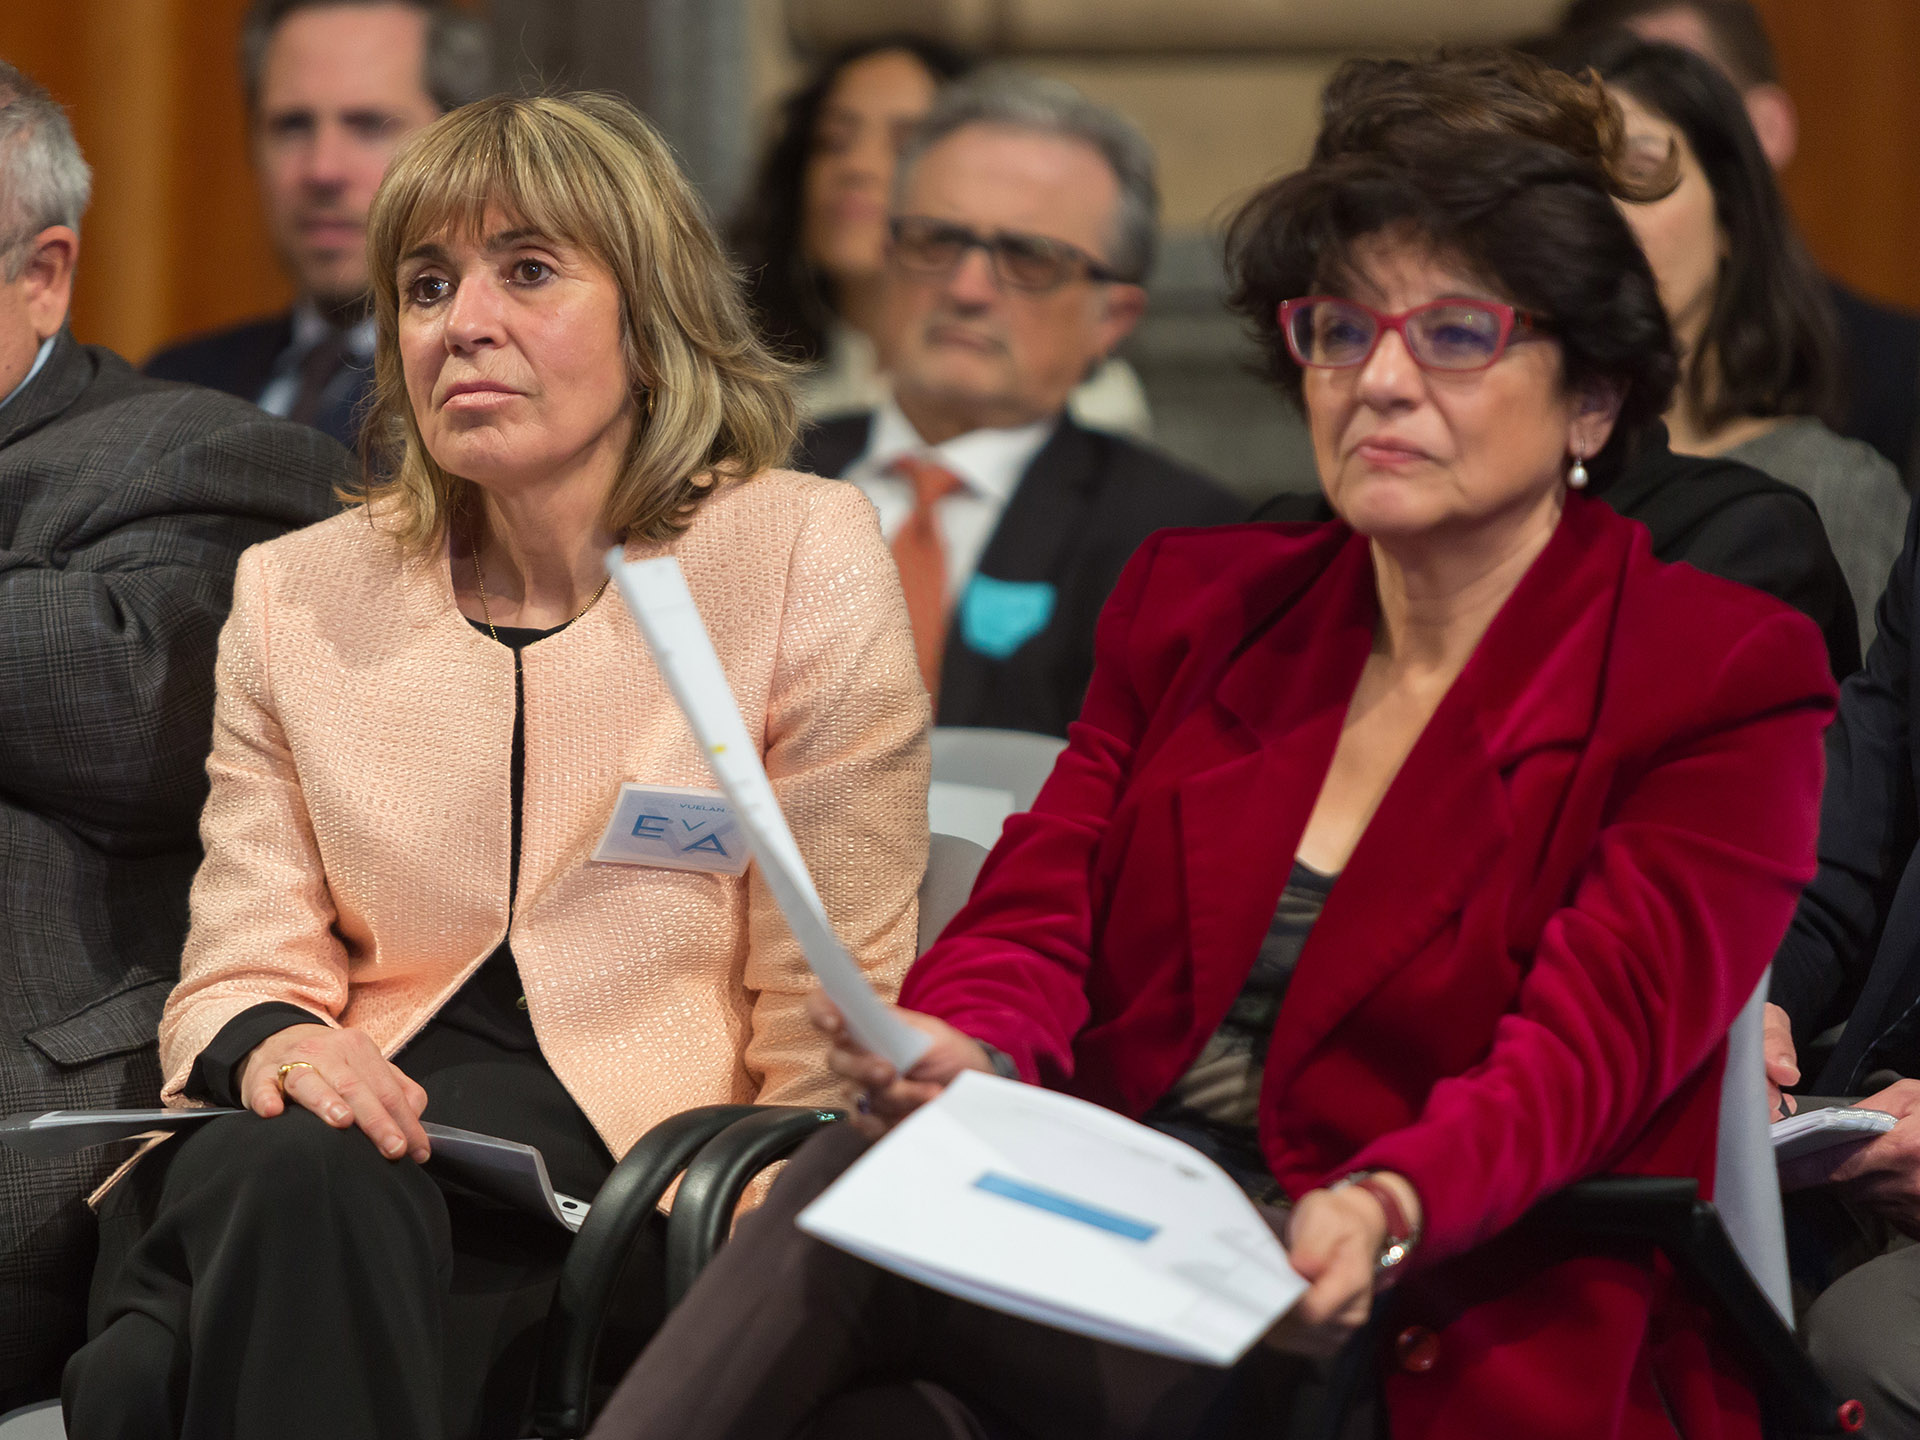 La presidenta de EVA junto a Soledad Murillo.